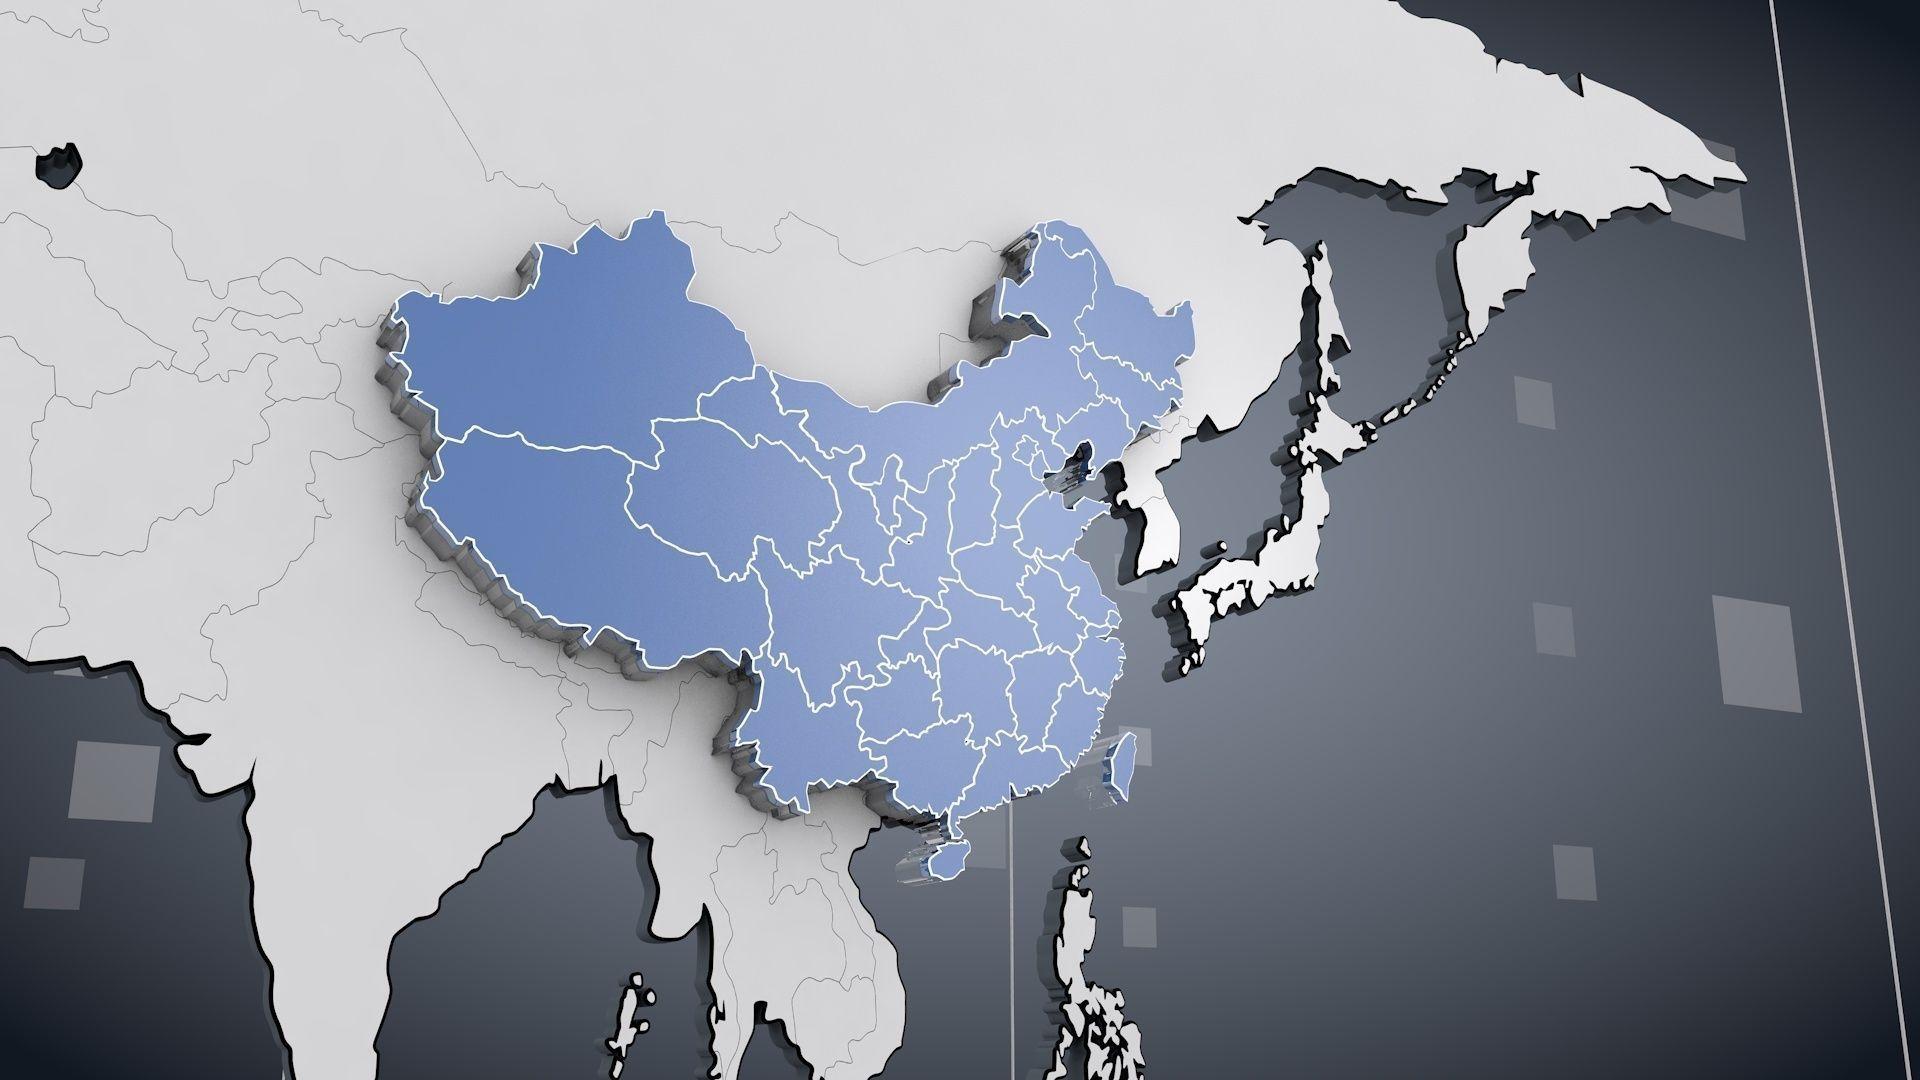 3d cinema 4d world map cgtrader cinema 4d world map 3d model fbx c4d 3 gumiabroncs Gallery